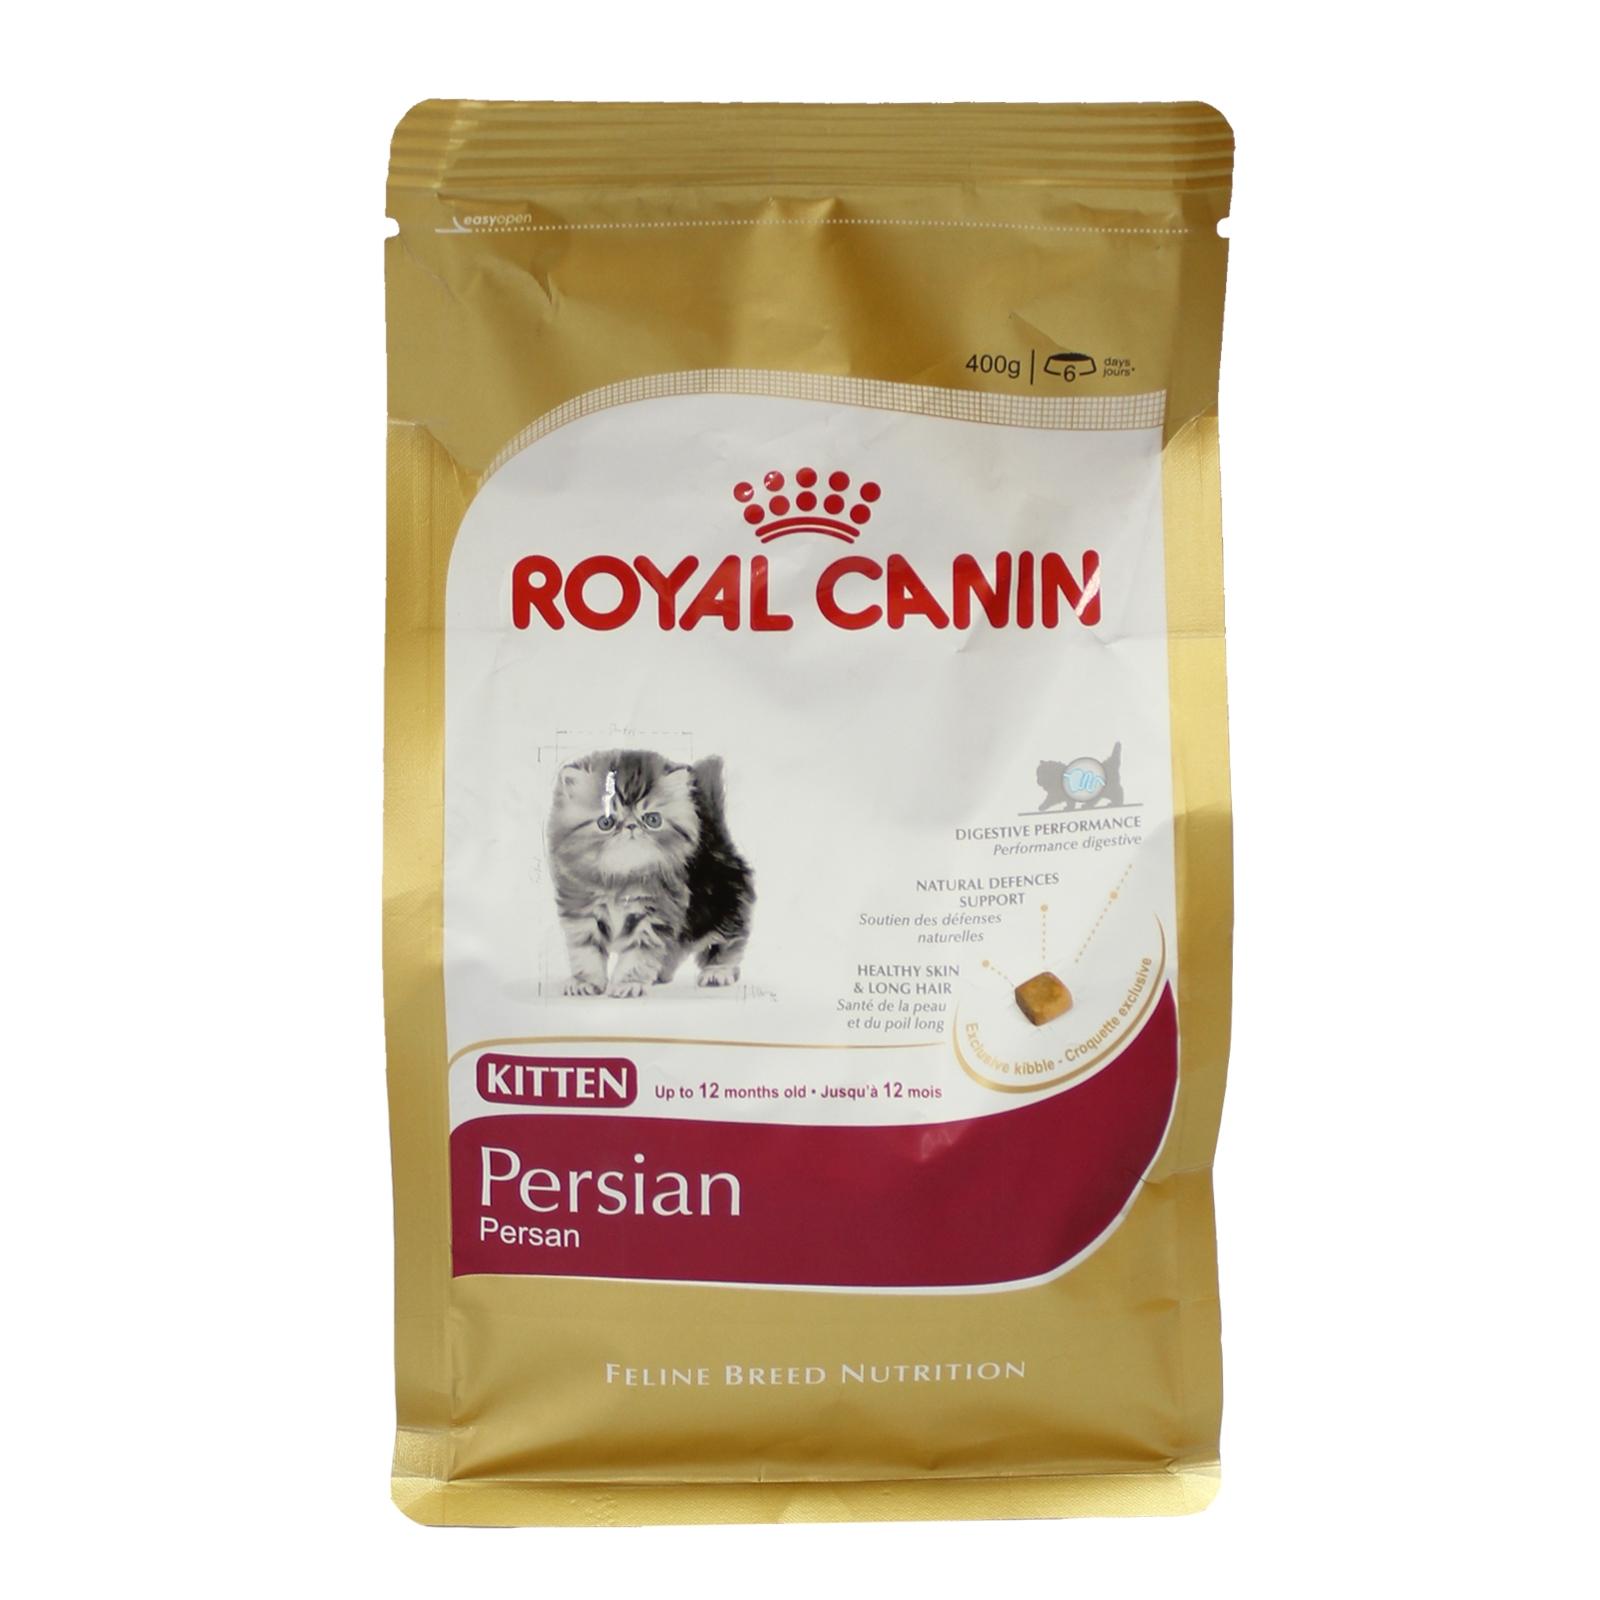 Kg Royal Canin Persian Kitten  Cat Food